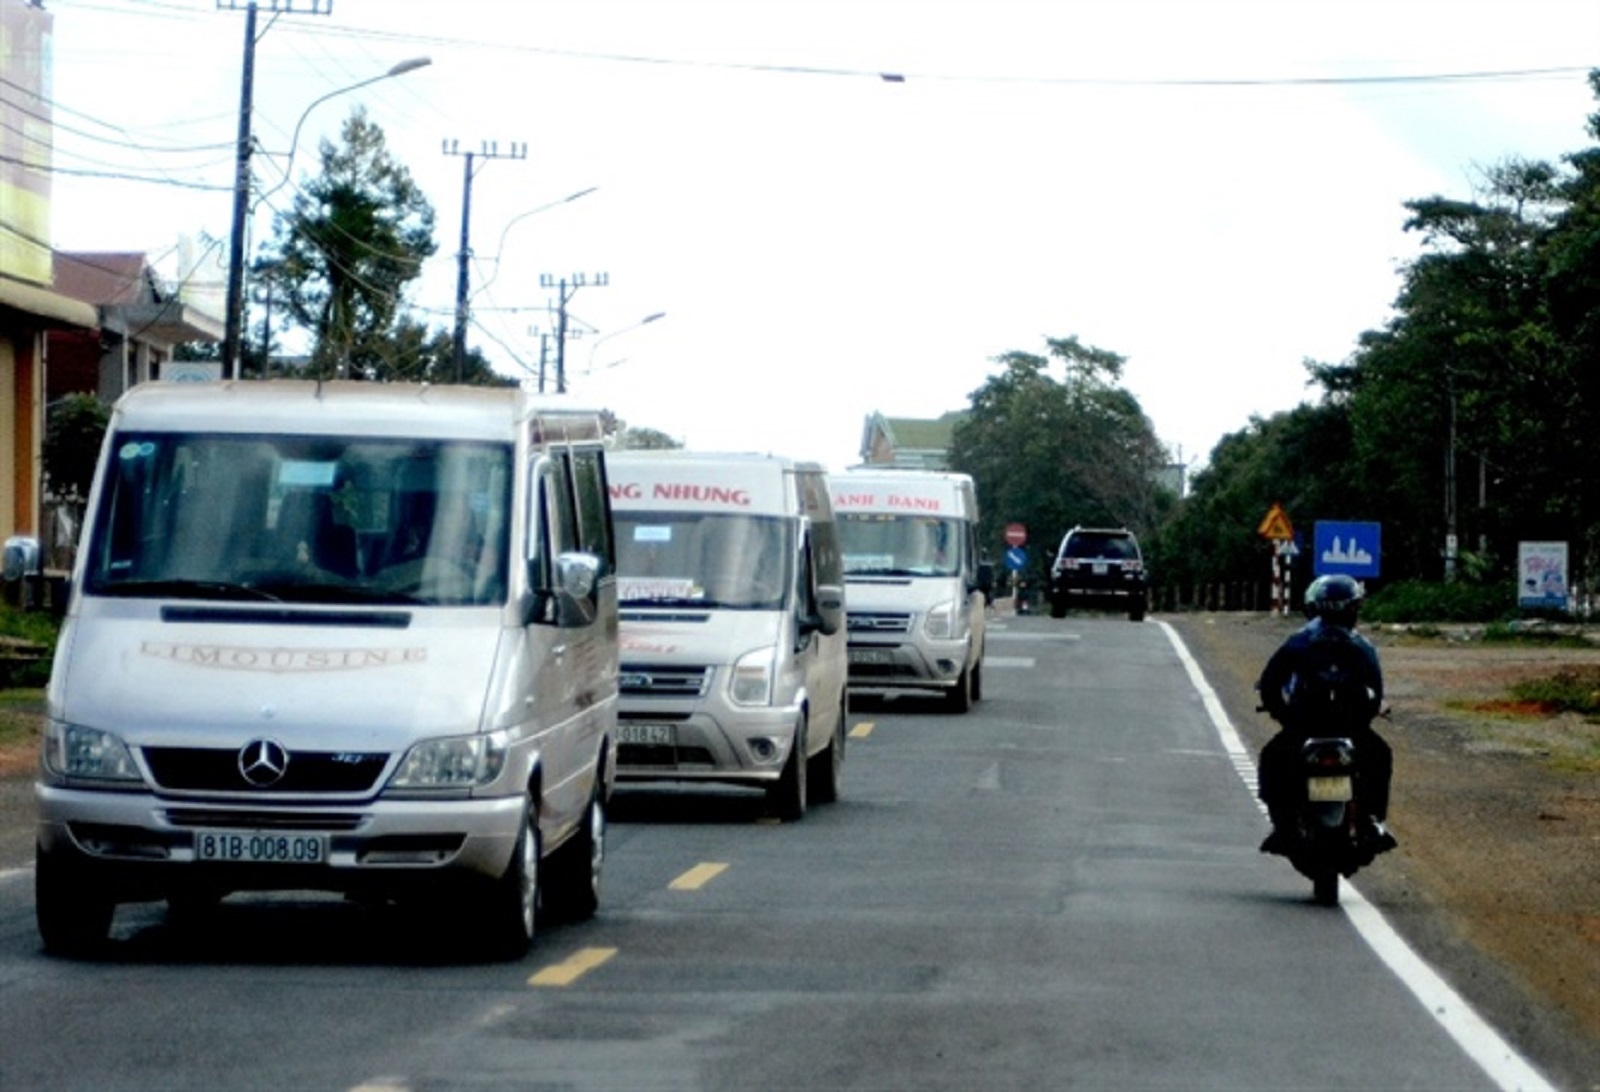 Nâng cấp Quốc lộ 19 đoạn từ TP. Pleiku đến thị trấn Đắk Đoa